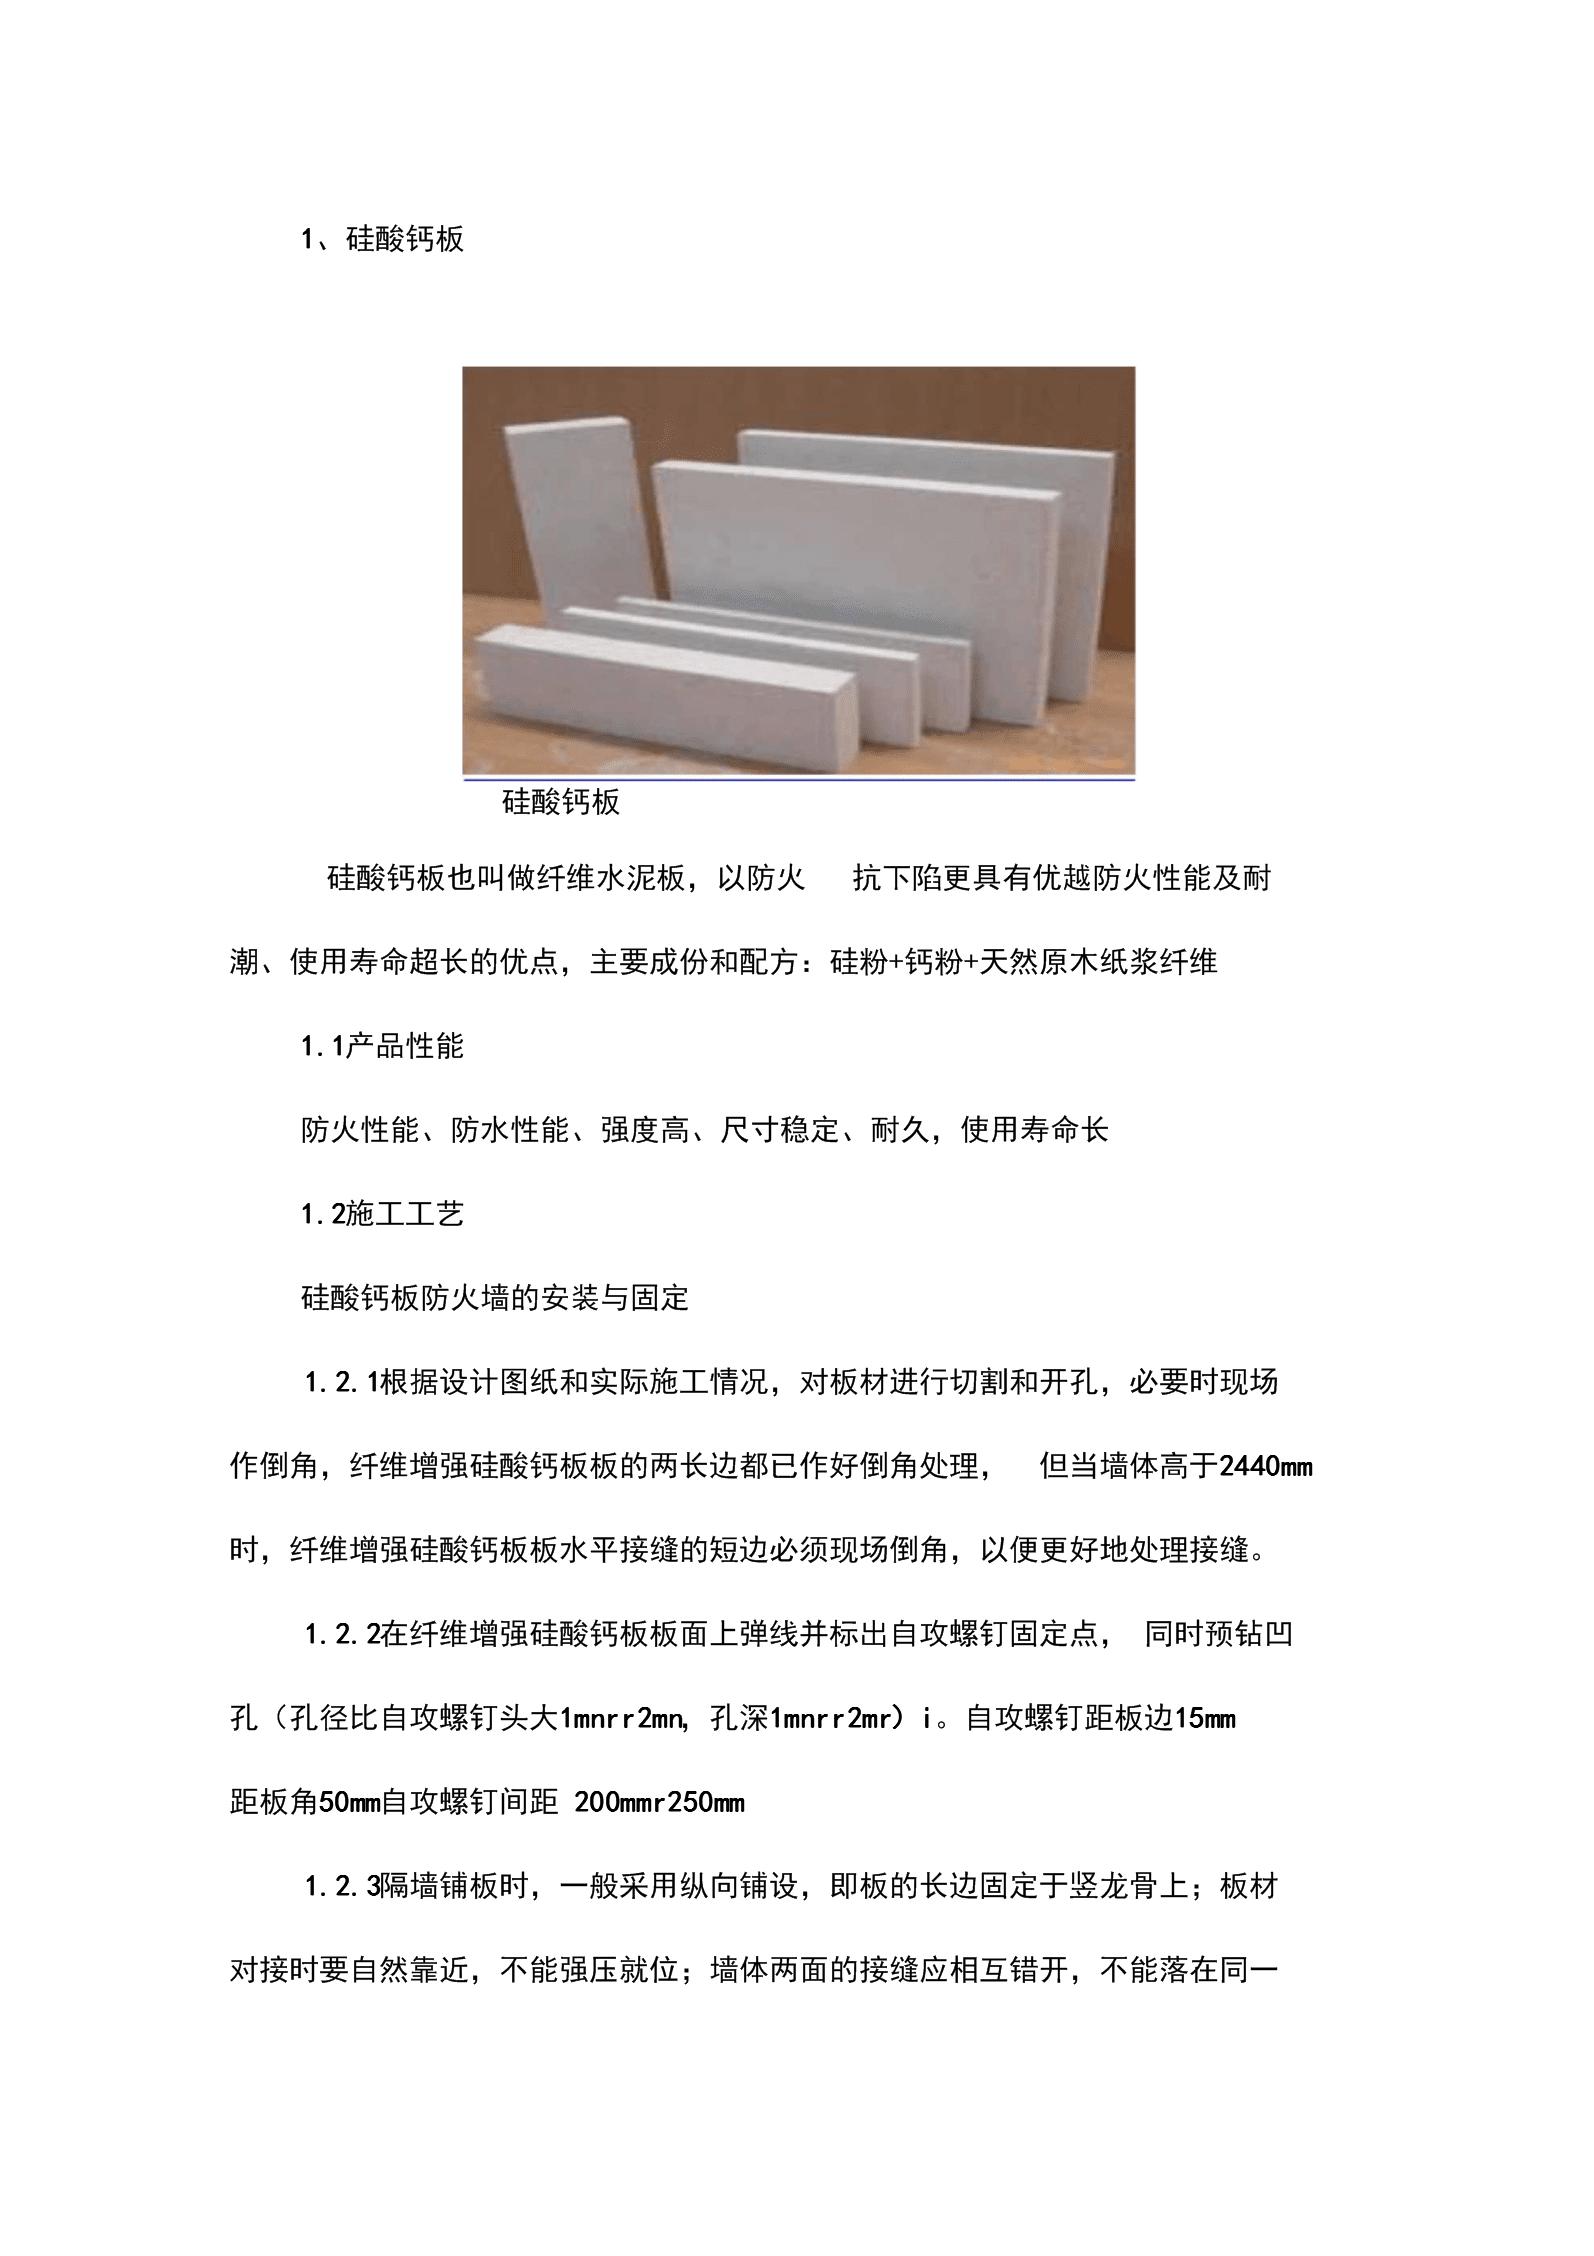 硅酸钙板产品介绍和施工工艺.docx